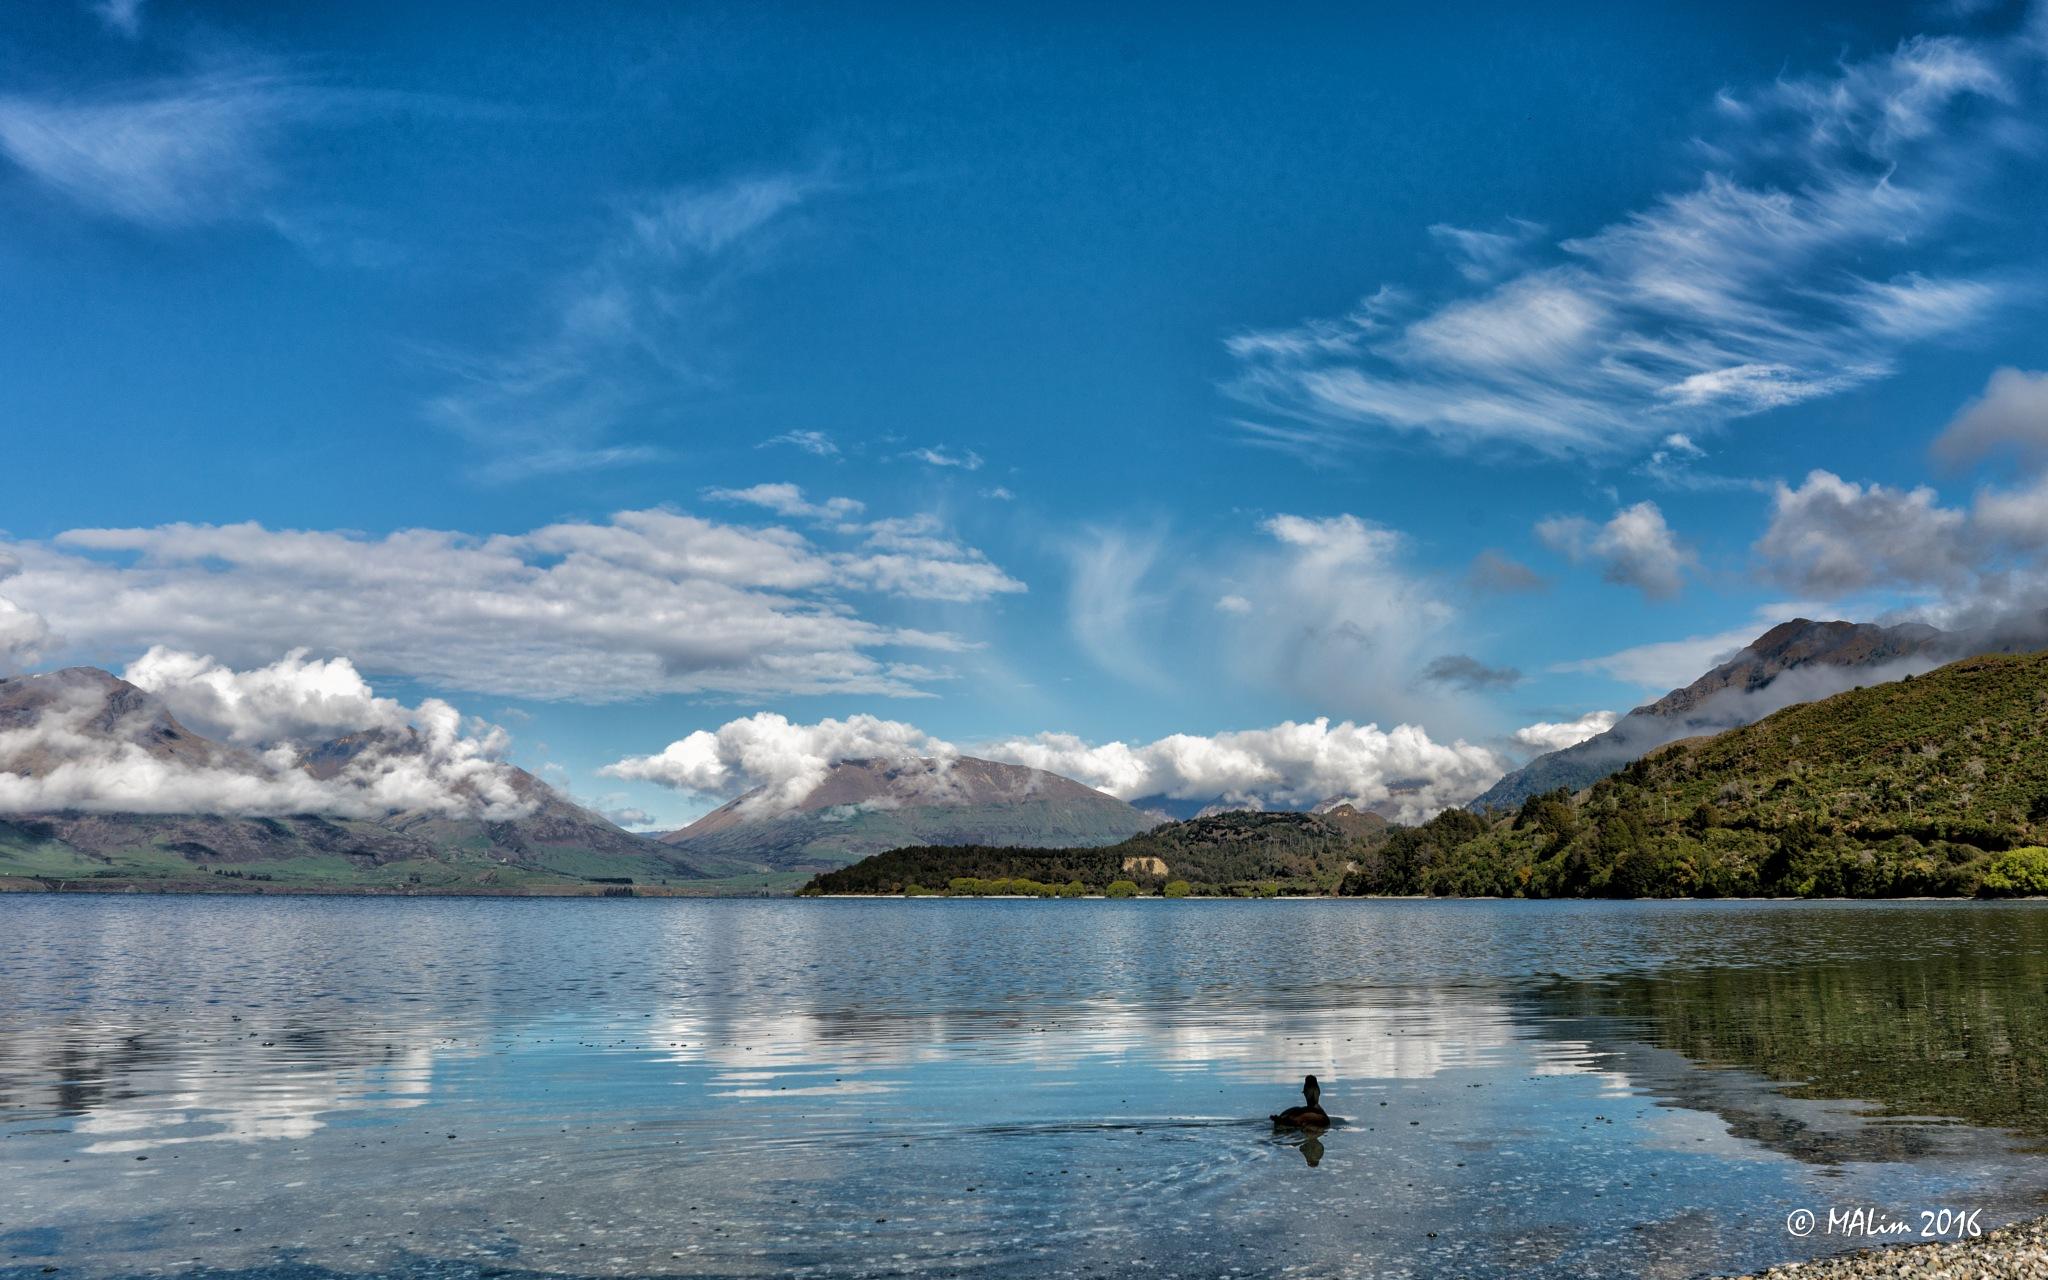 Lake Waikatipou by Meng Lim